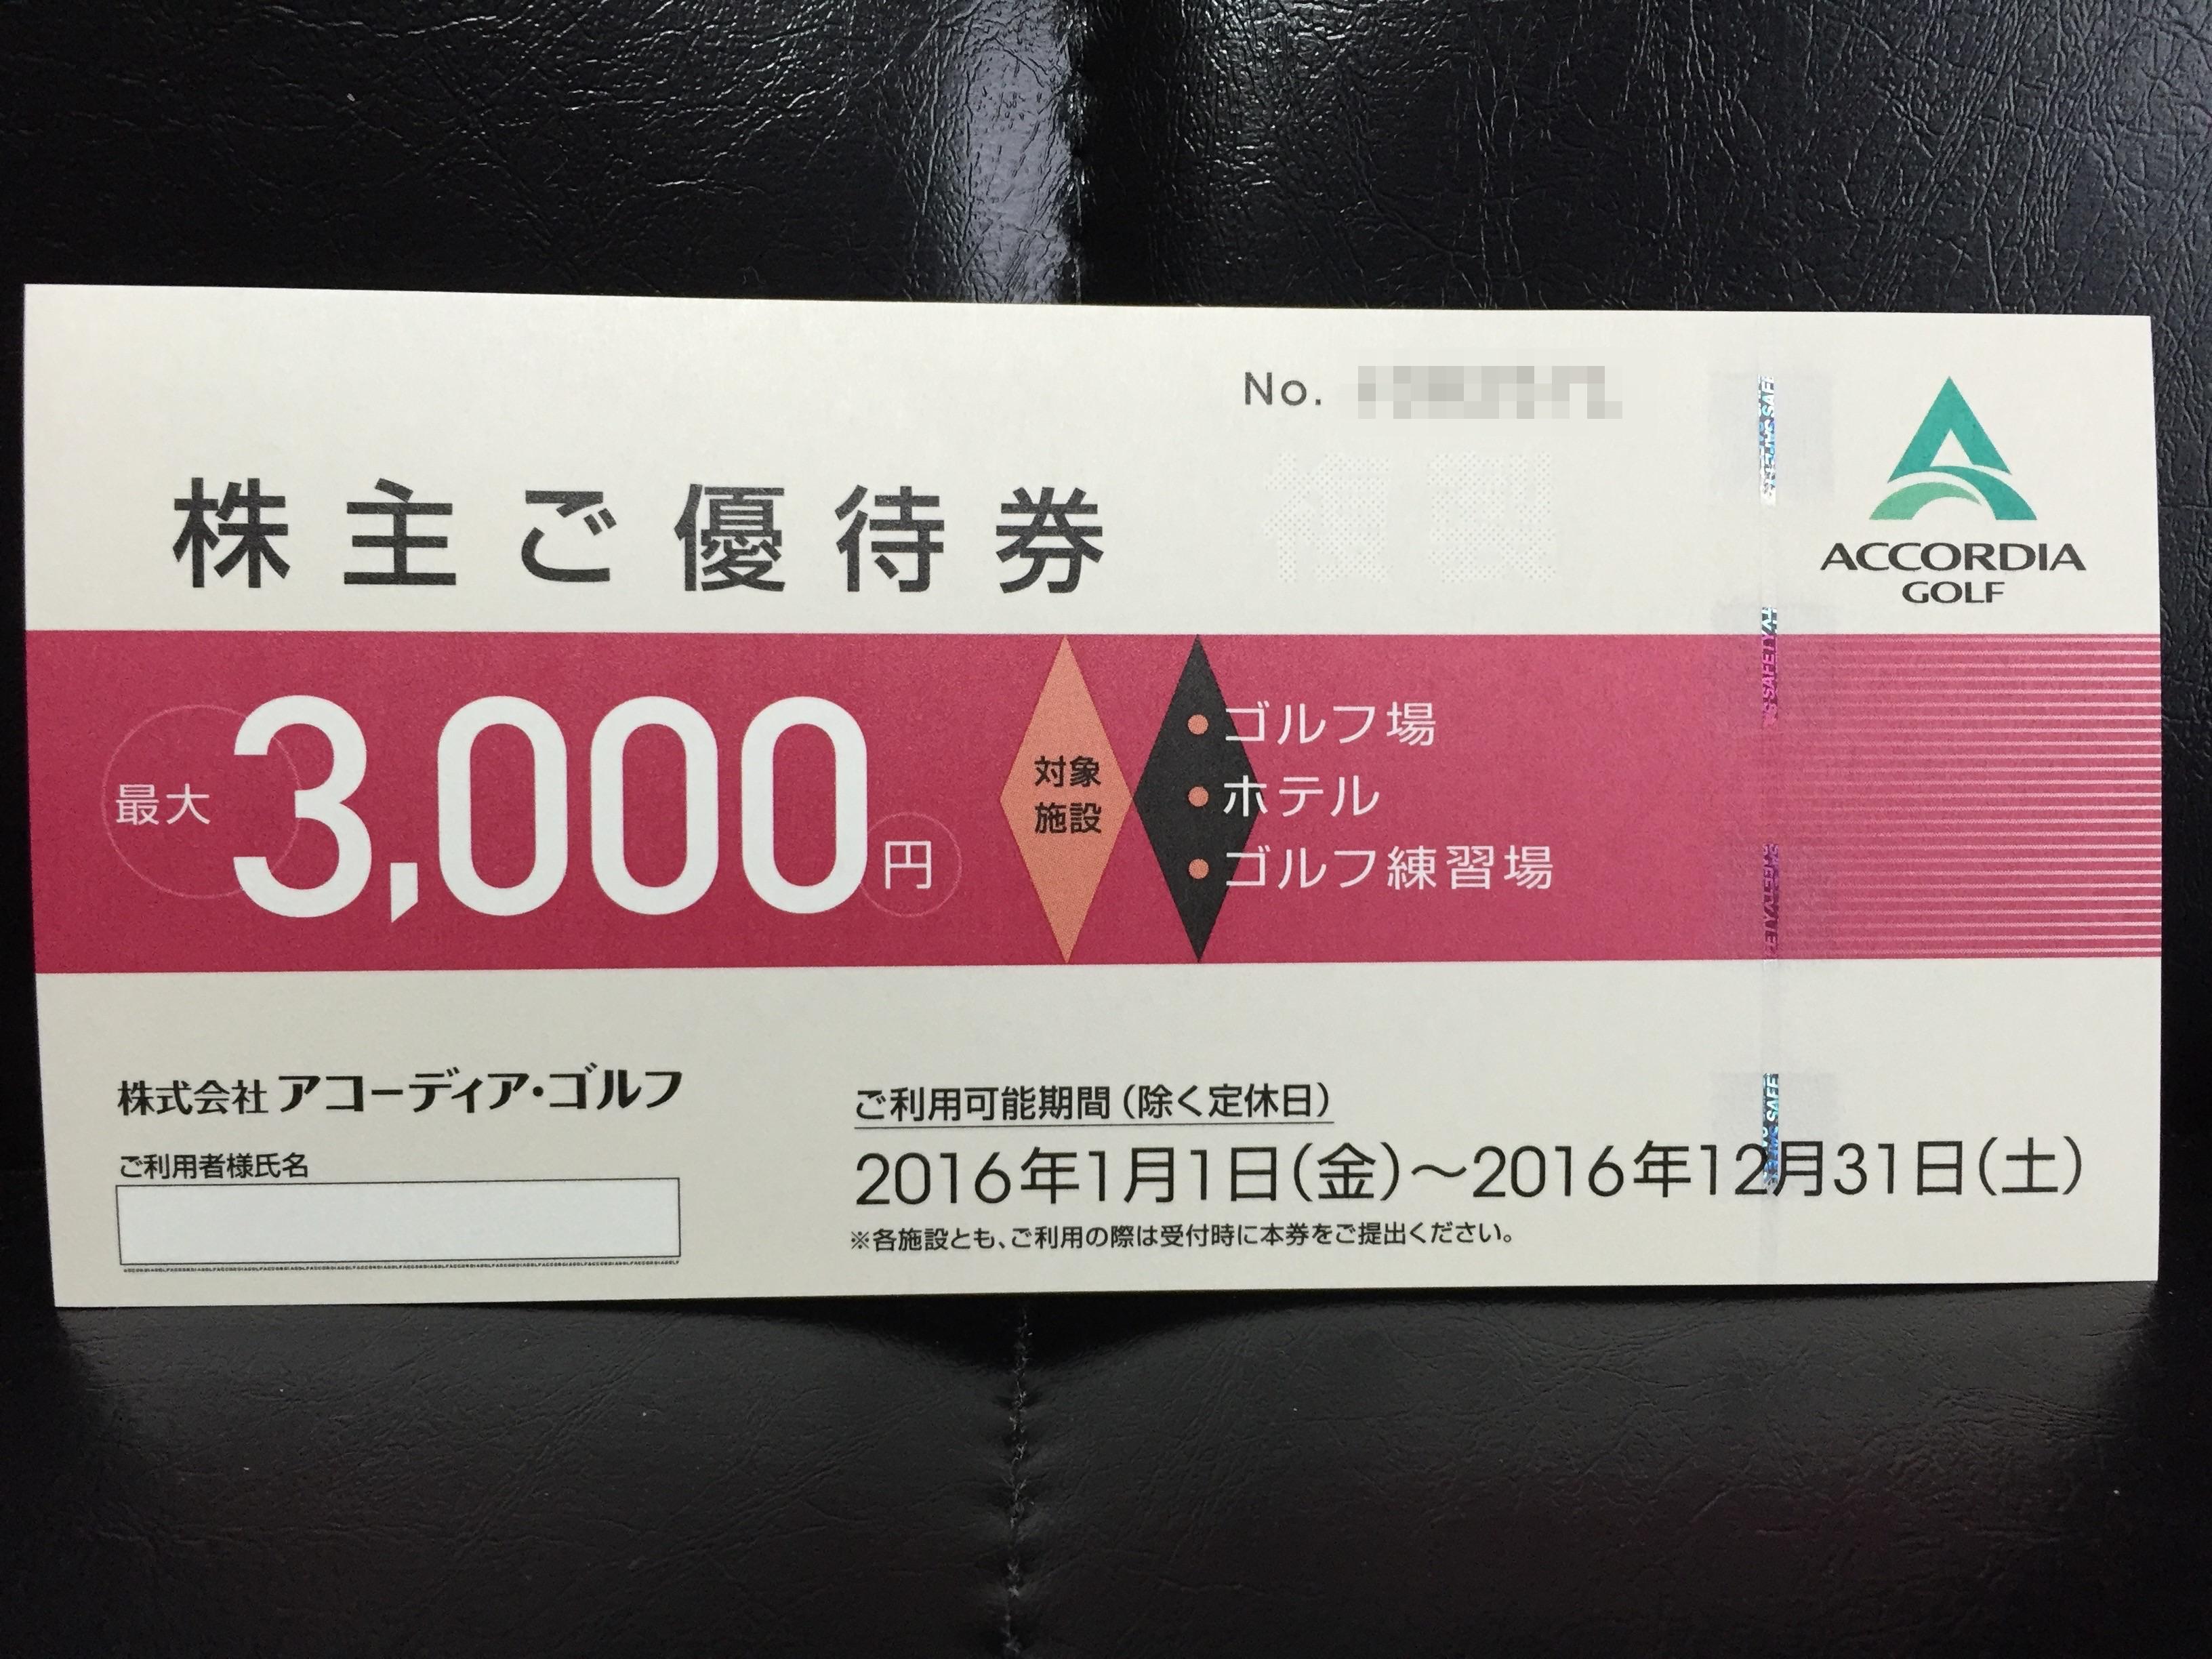 アコーディアゴルフ 株主優待 2015年 1